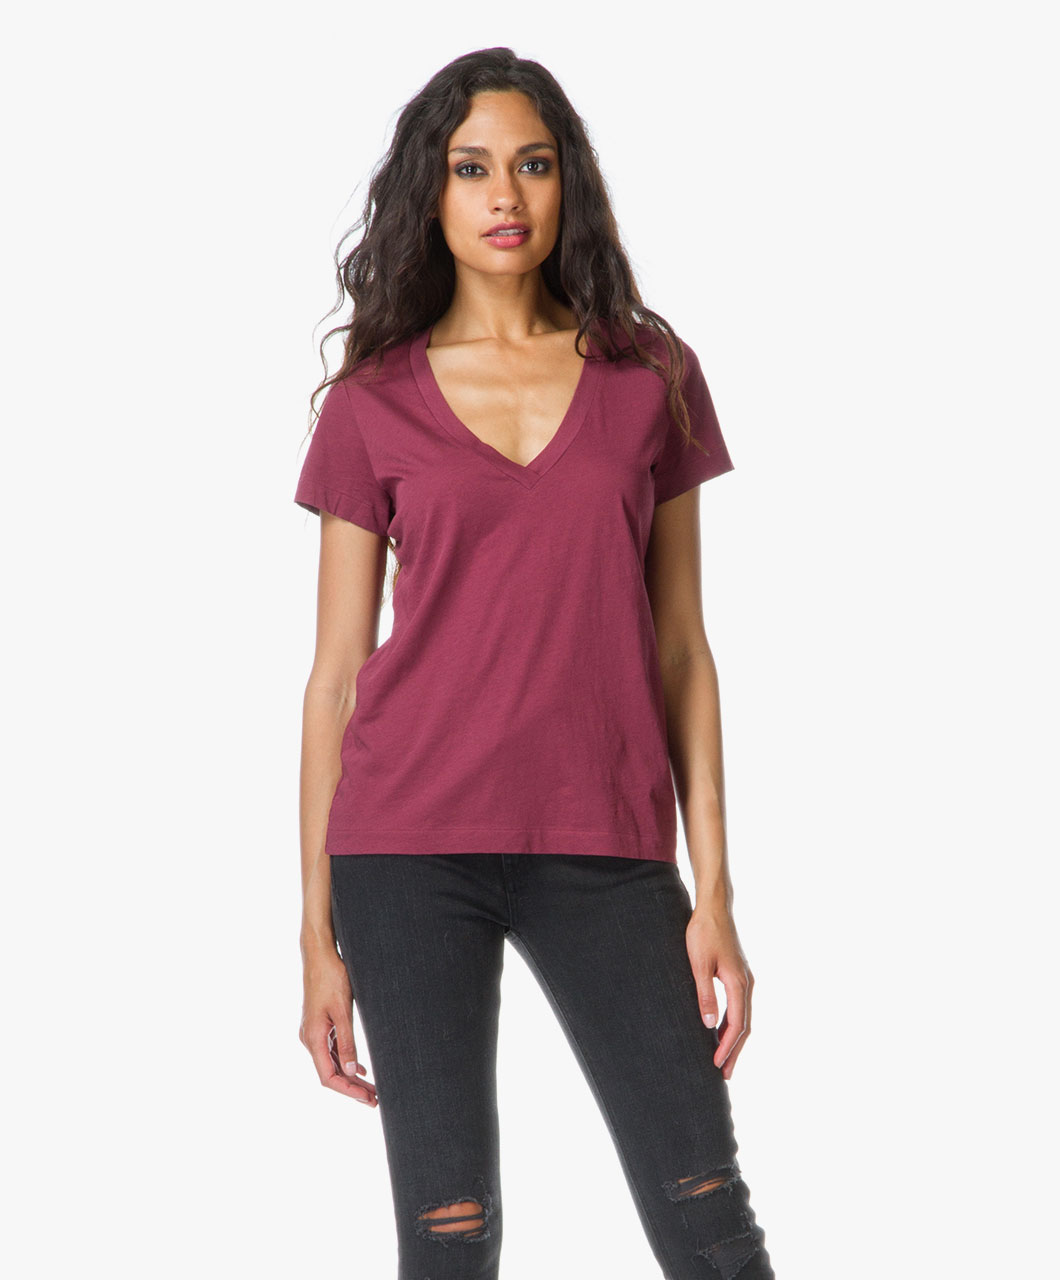 drykorn alina v neck t shirt wine red alina 500206 520 wine. Black Bedroom Furniture Sets. Home Design Ideas